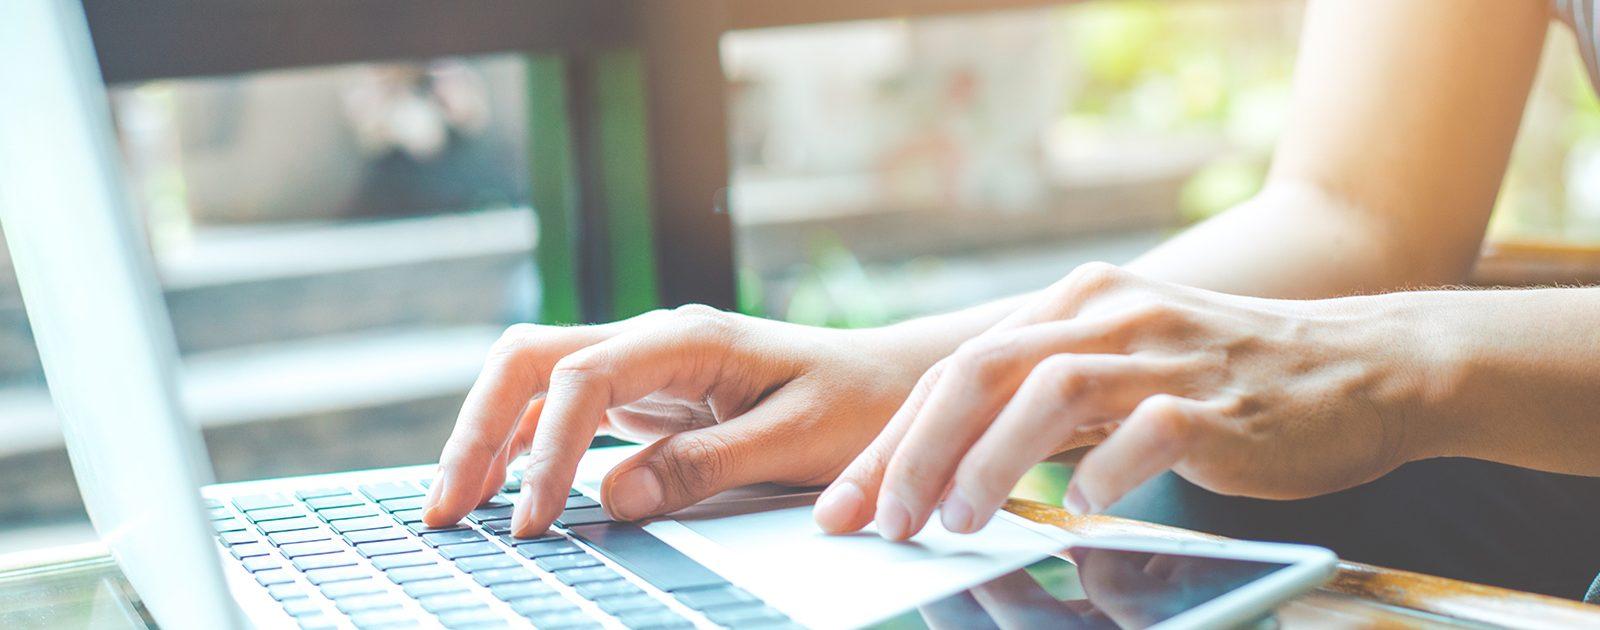 Eine Frau sucht die gewünschten Informationen online.